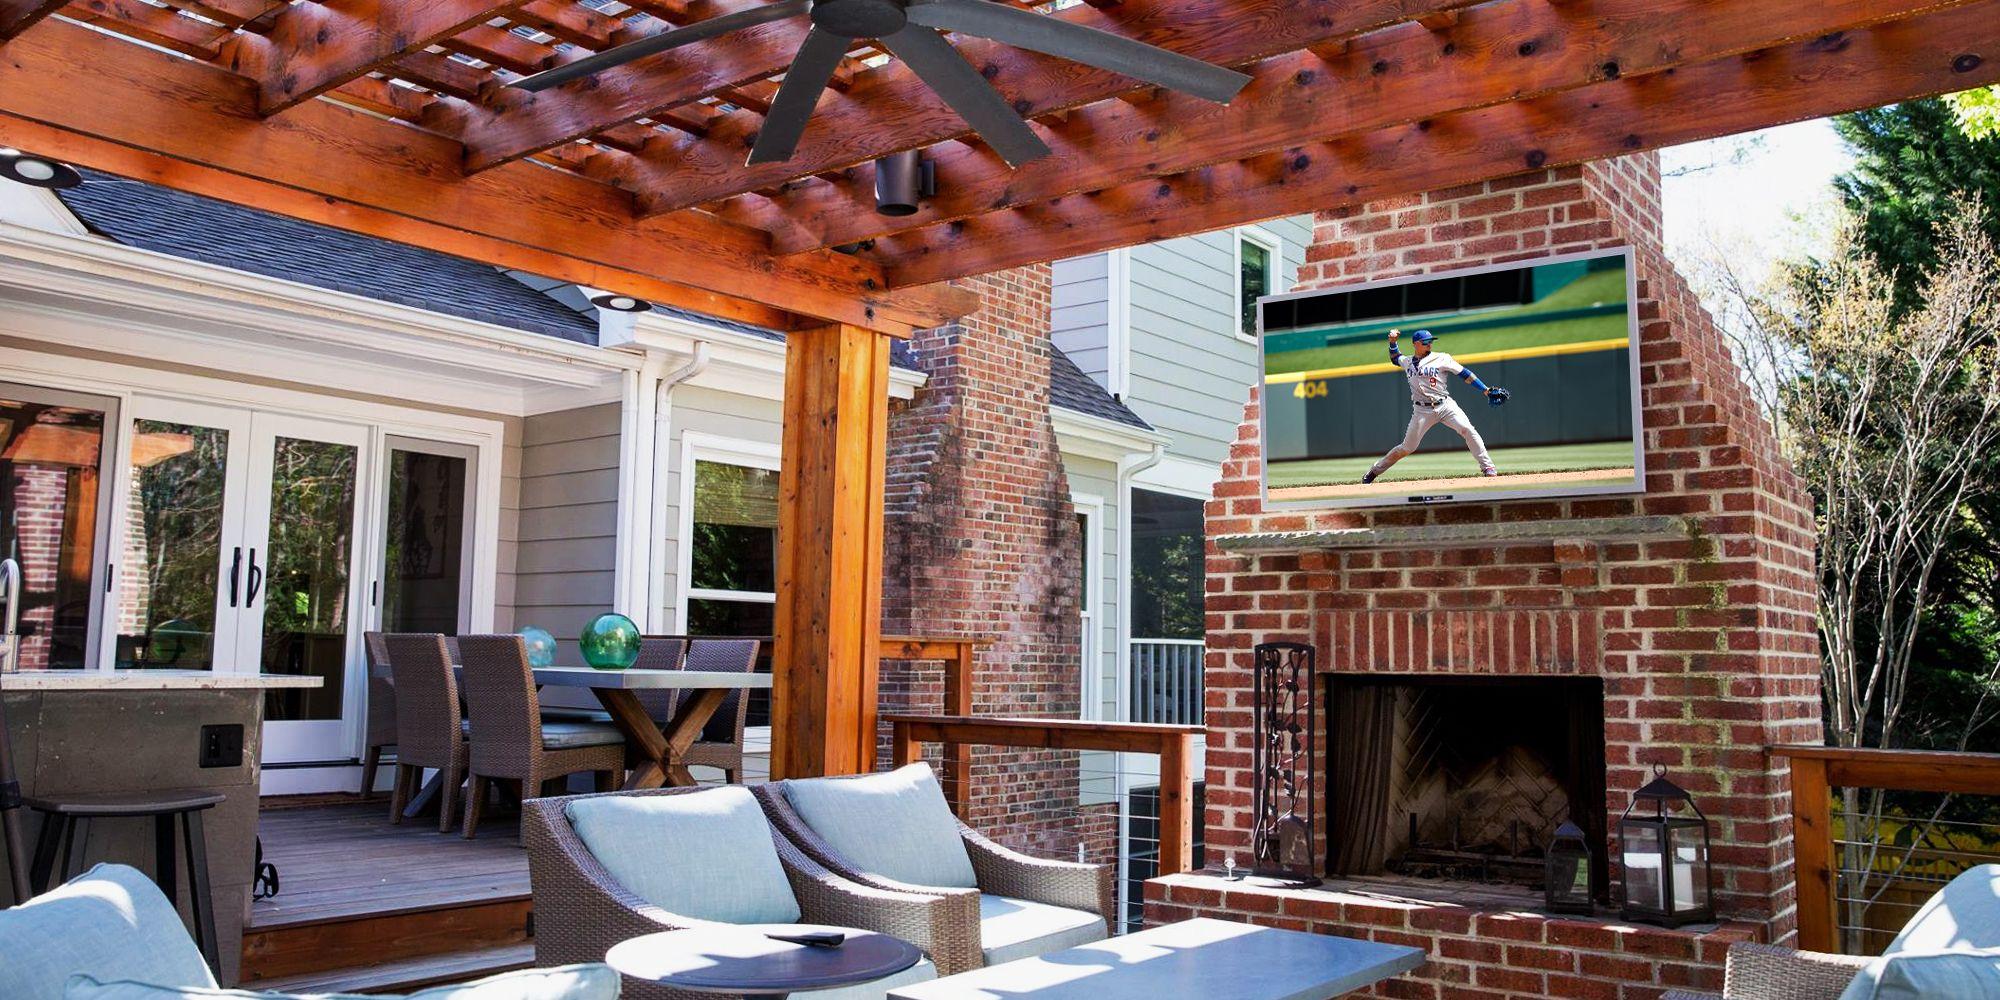 11 Best Outdoor Tvs For Your Patio In 2018 Outdoor